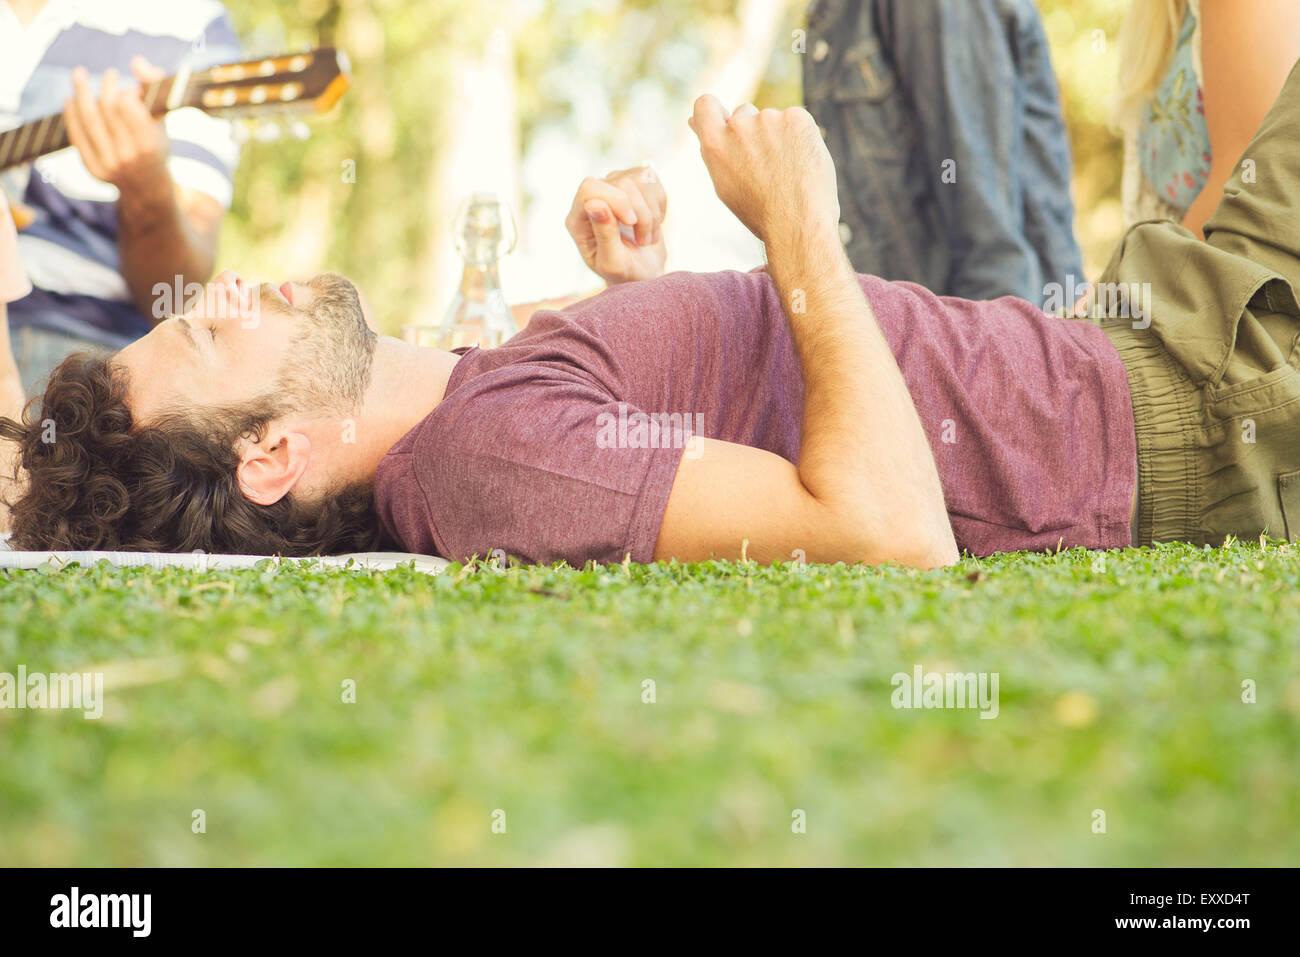 Pique-nique à la sieste de l'homme Photo Stock